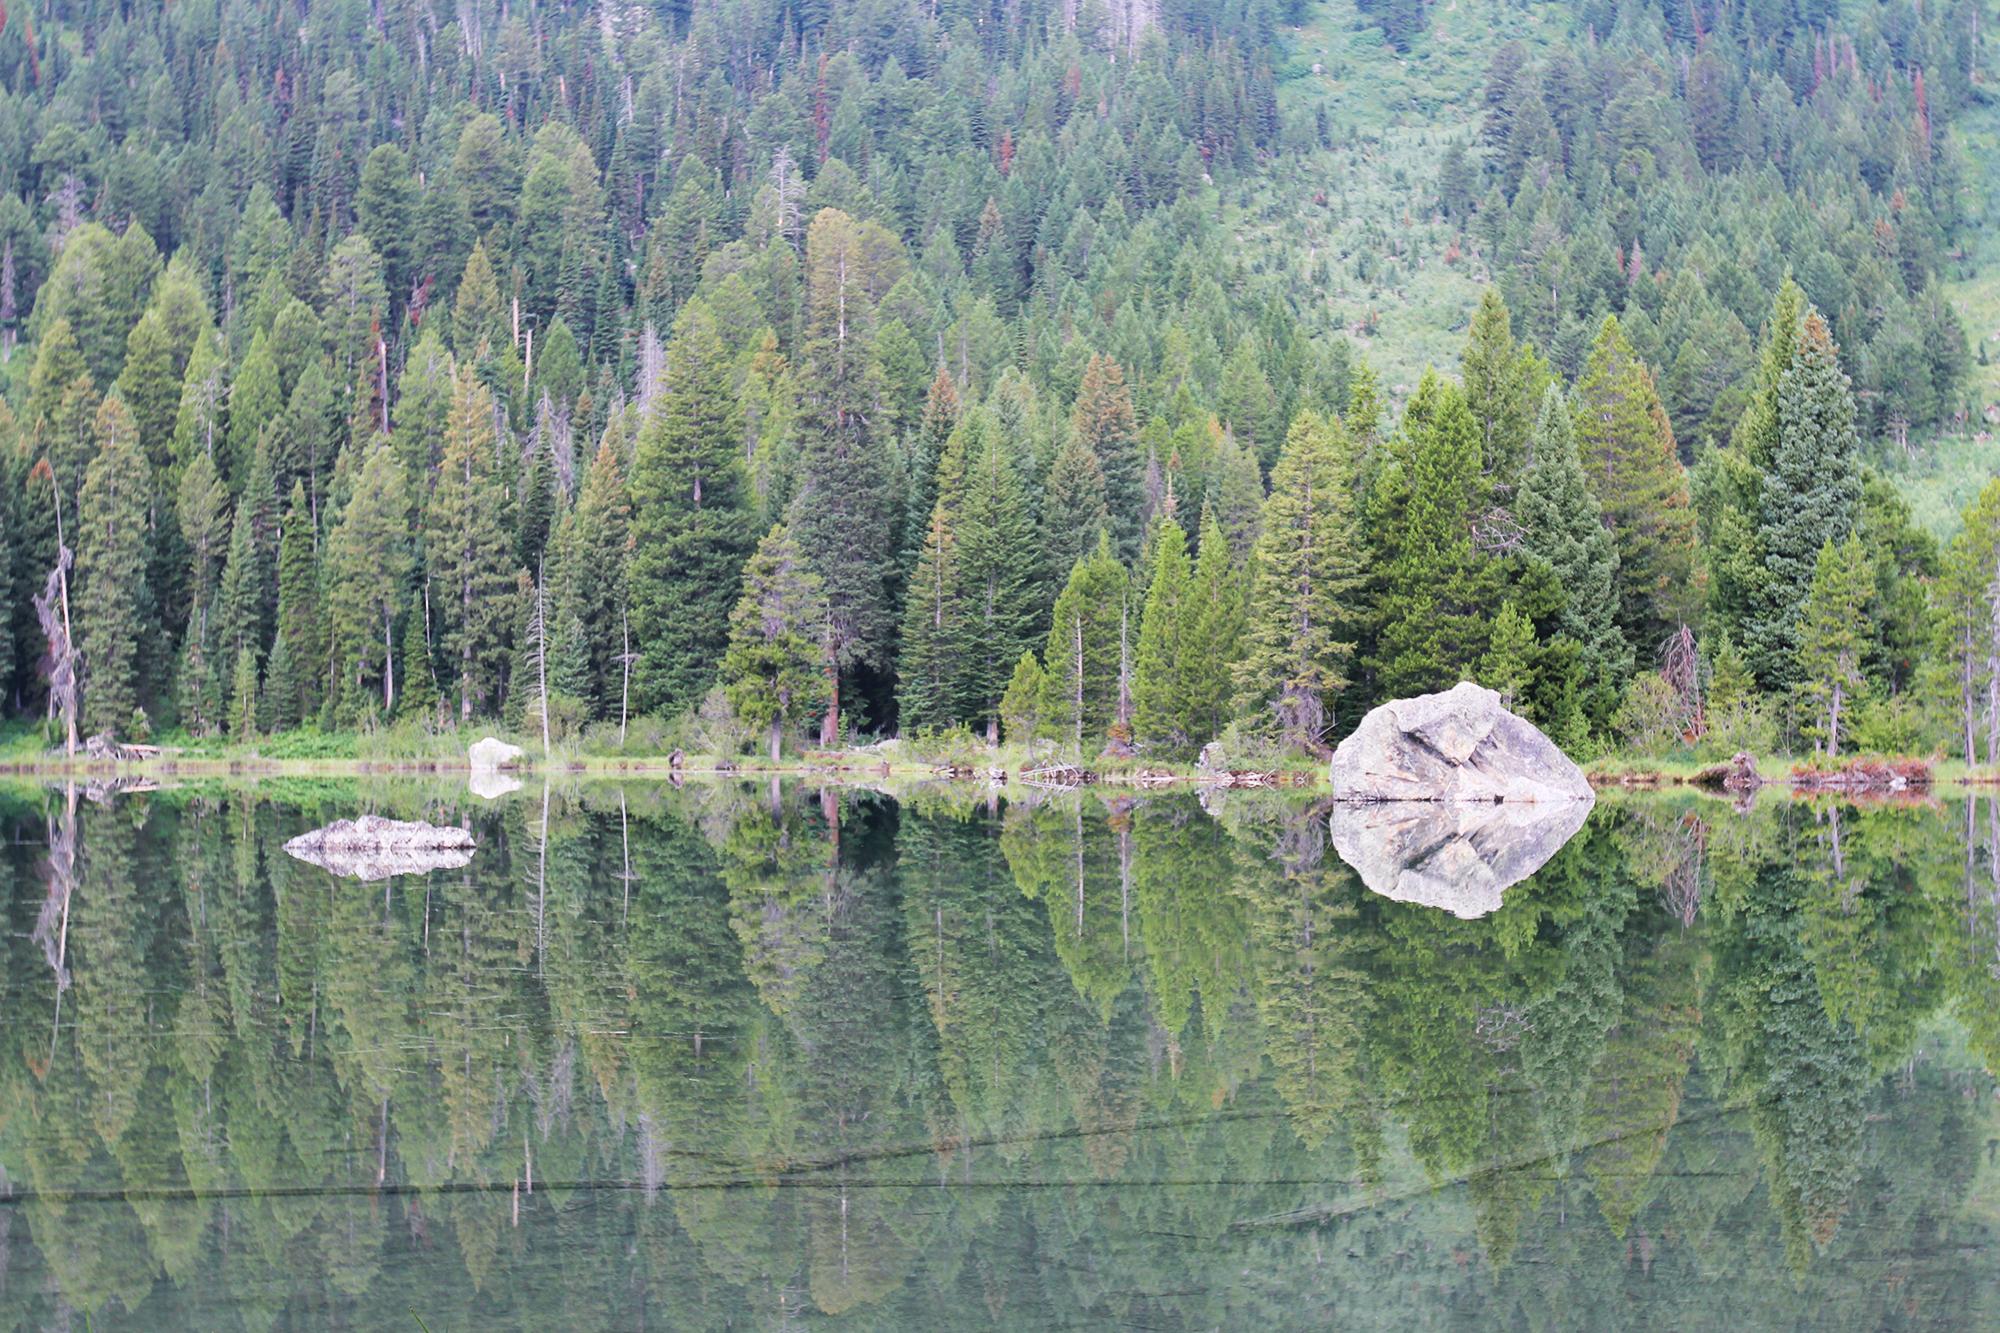 jo-torrijos-states-of-reverie-grand-teton-national-park-string-lake-hike-2.jpg